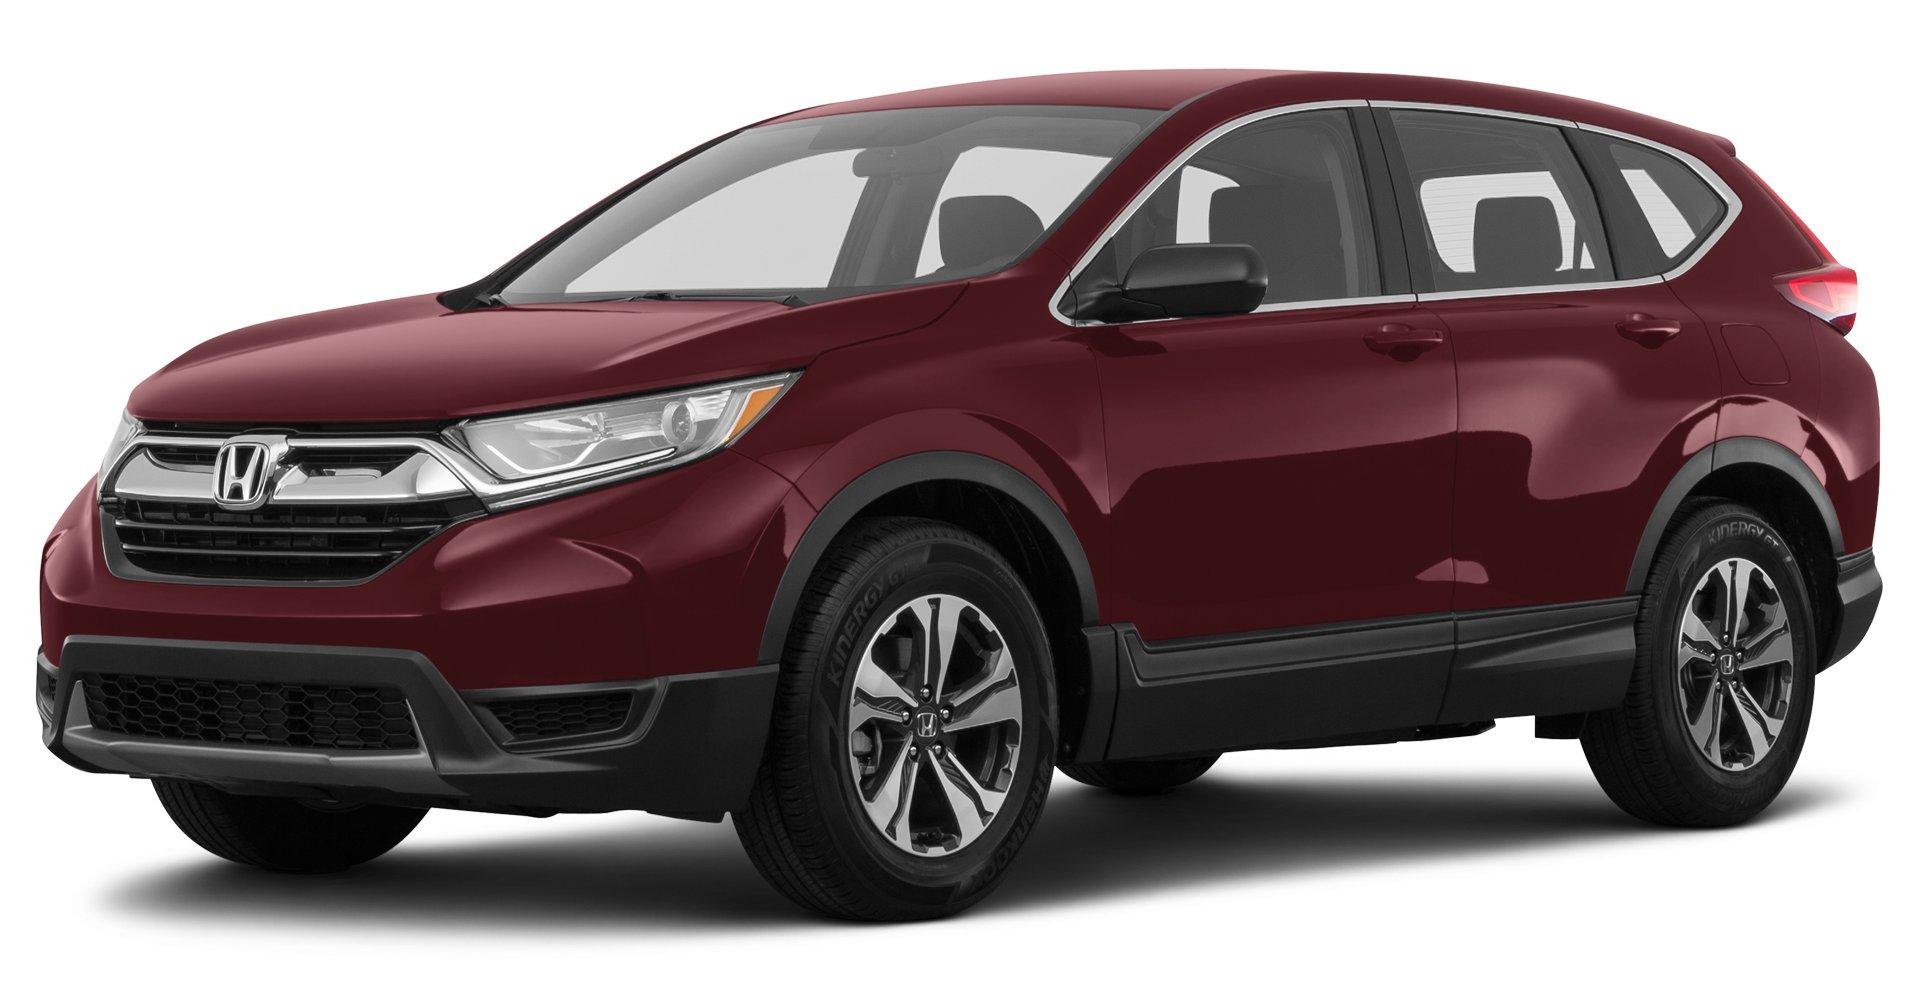 Amazon.com: 2017 Honda CR-V EX Reviews, Images, and Specs ...